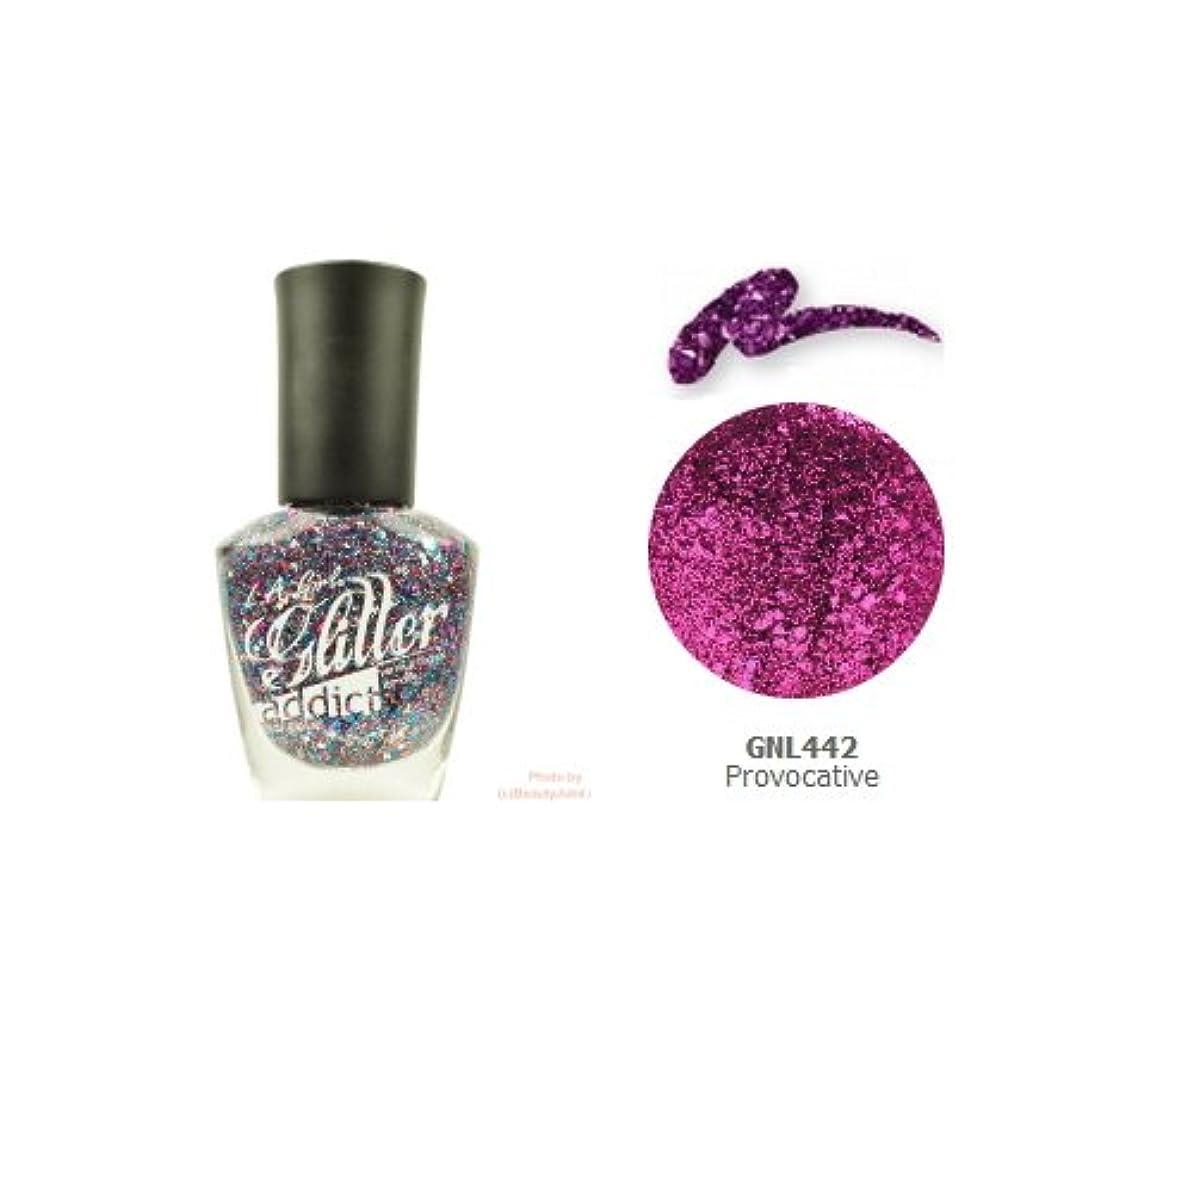 読者ピストル世界的に(6 Pack) LA GIRL Glitter Addict Polish - Provocative (並行輸入品)